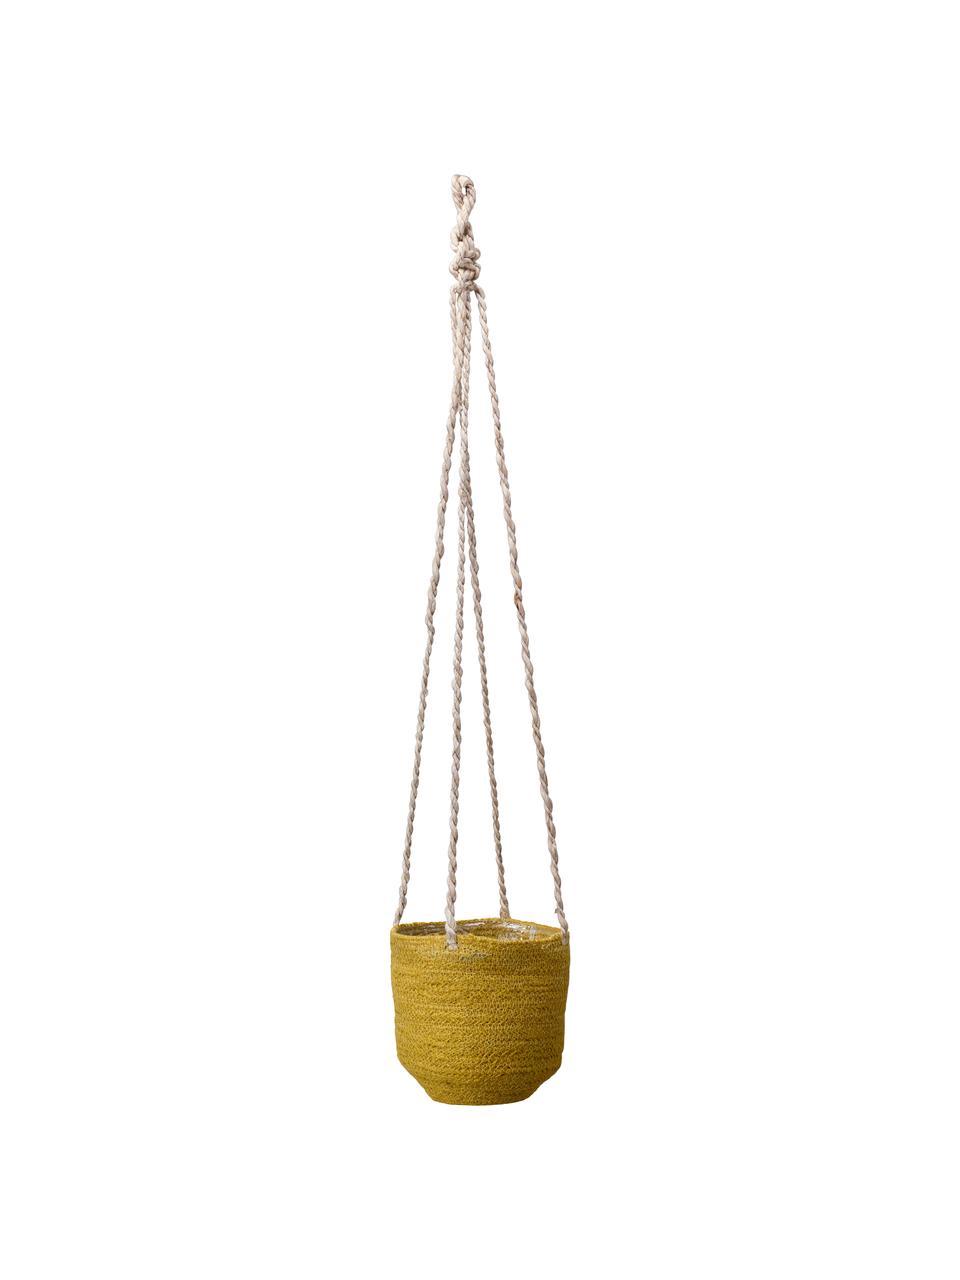 Kleiner hängender Pflanztopf Belle mit Innenfolie, Innen: Kunststoff, Gelb, Ø 16 x H 75 cm